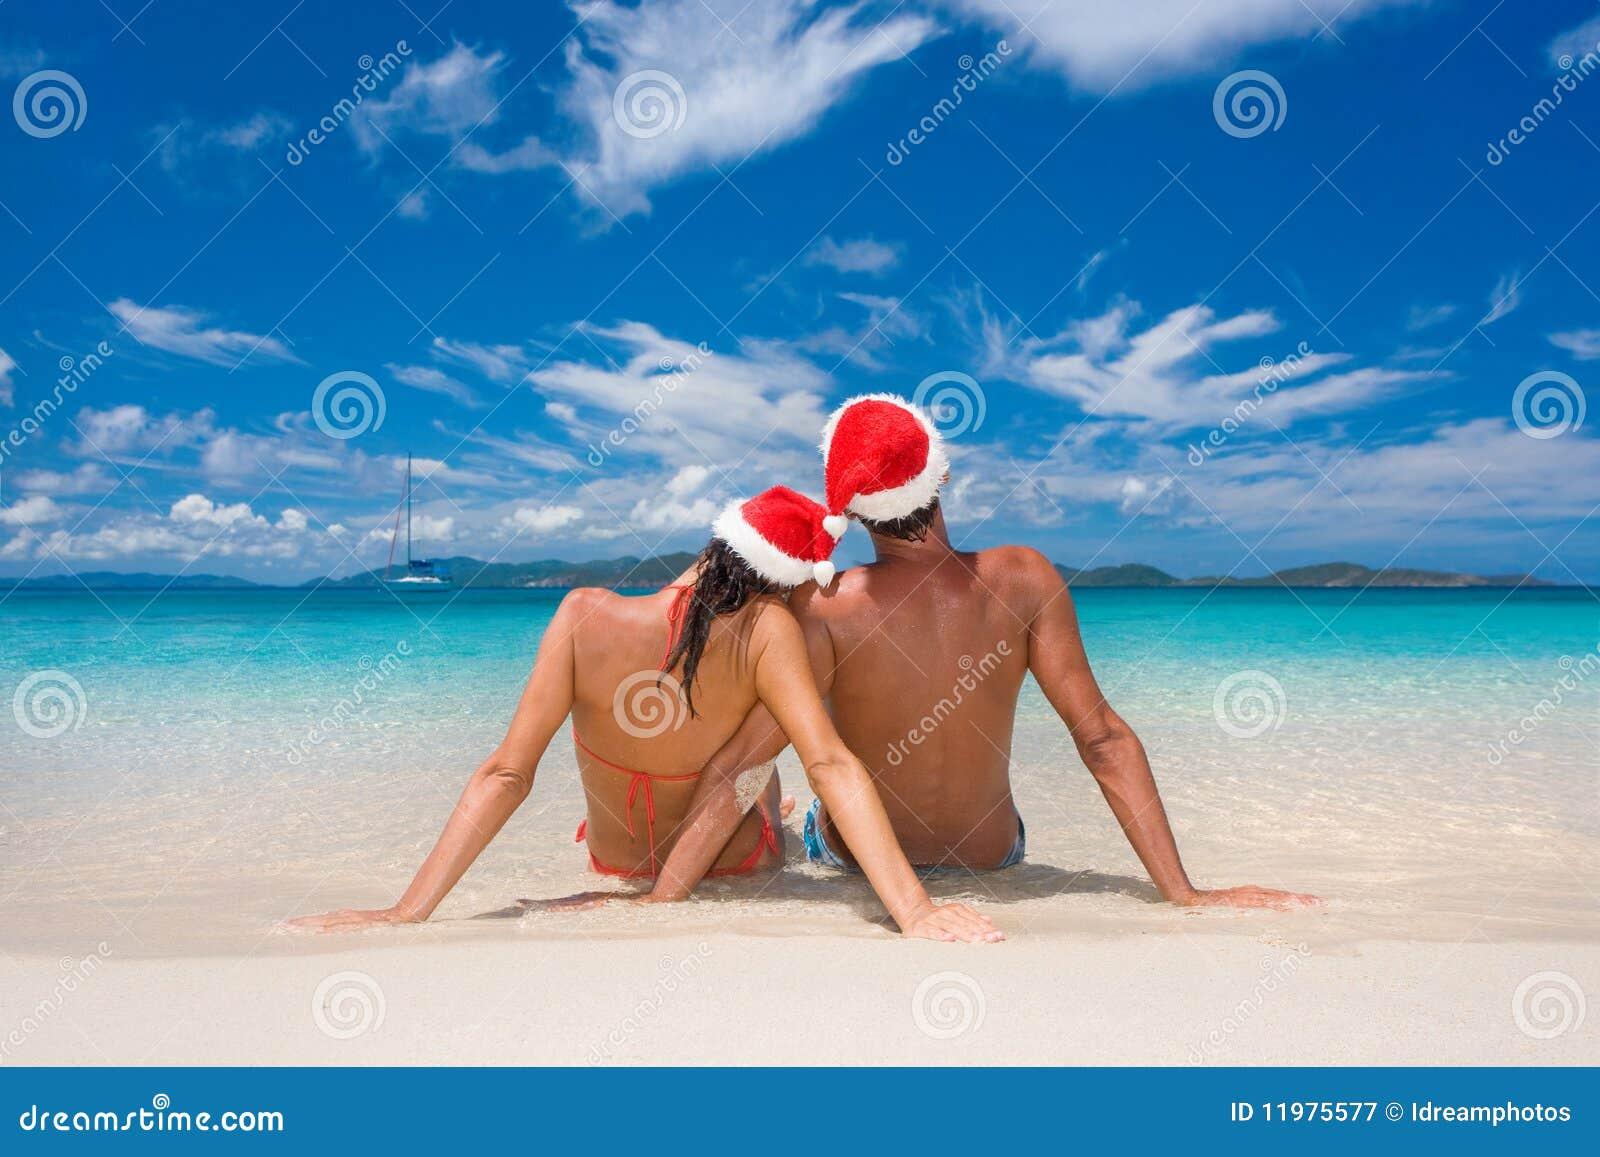 Kerstmis tropisch strand van het paar